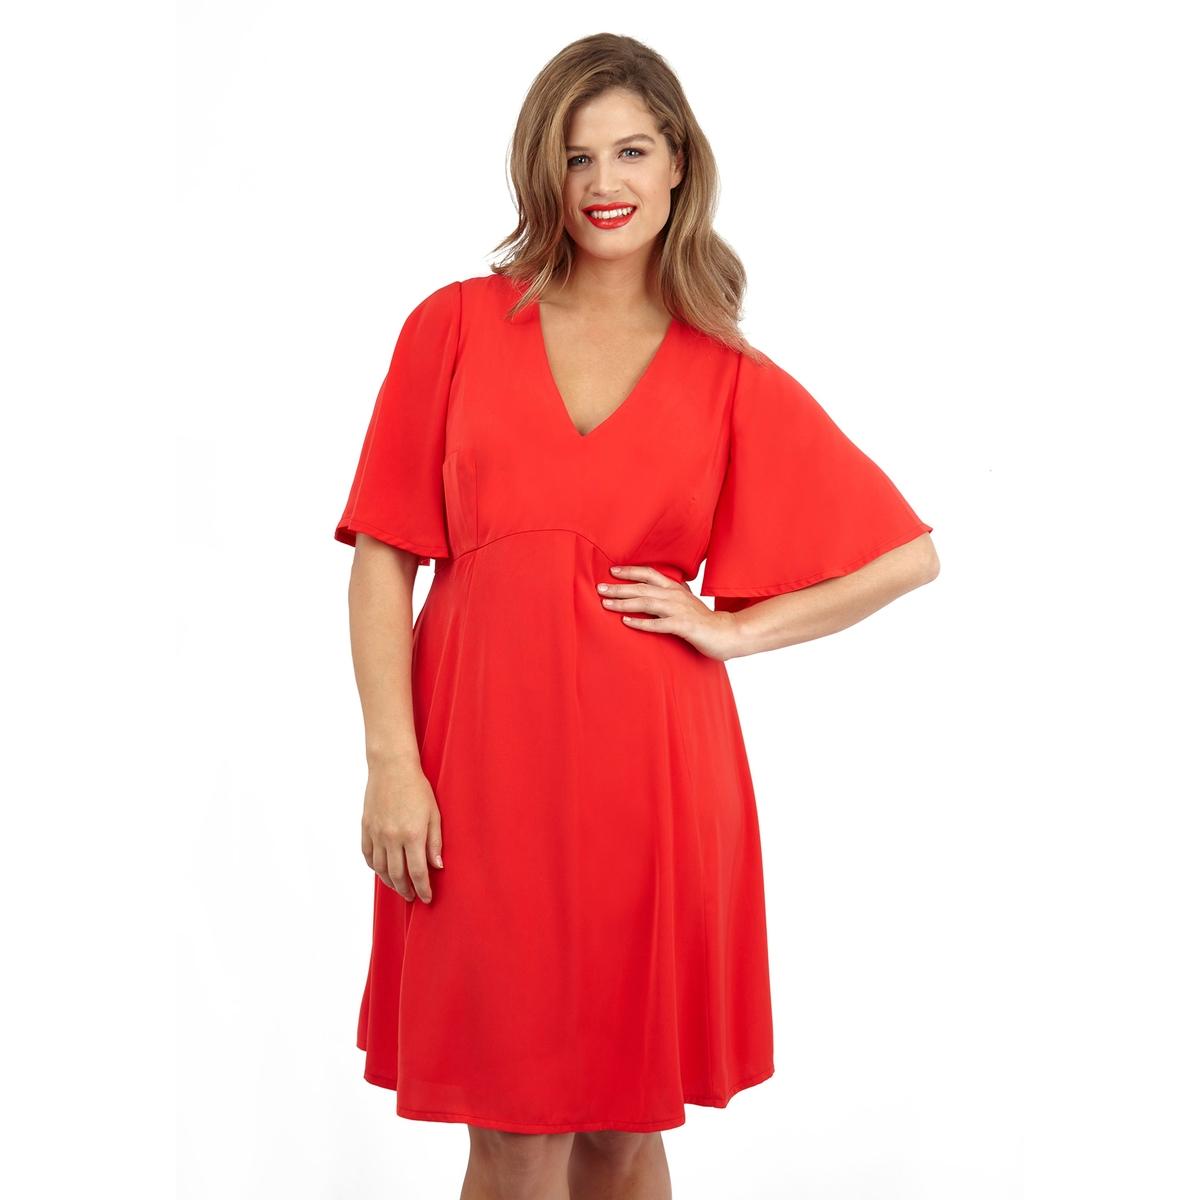 ПлатьеПлатье с короткими рукавами LOVEDROBE. Красивый глубокий V-образный вырез. 100% полиэстер.<br><br>Цвет: красный<br>Размер: 44 (FR) - 50 (RUS)